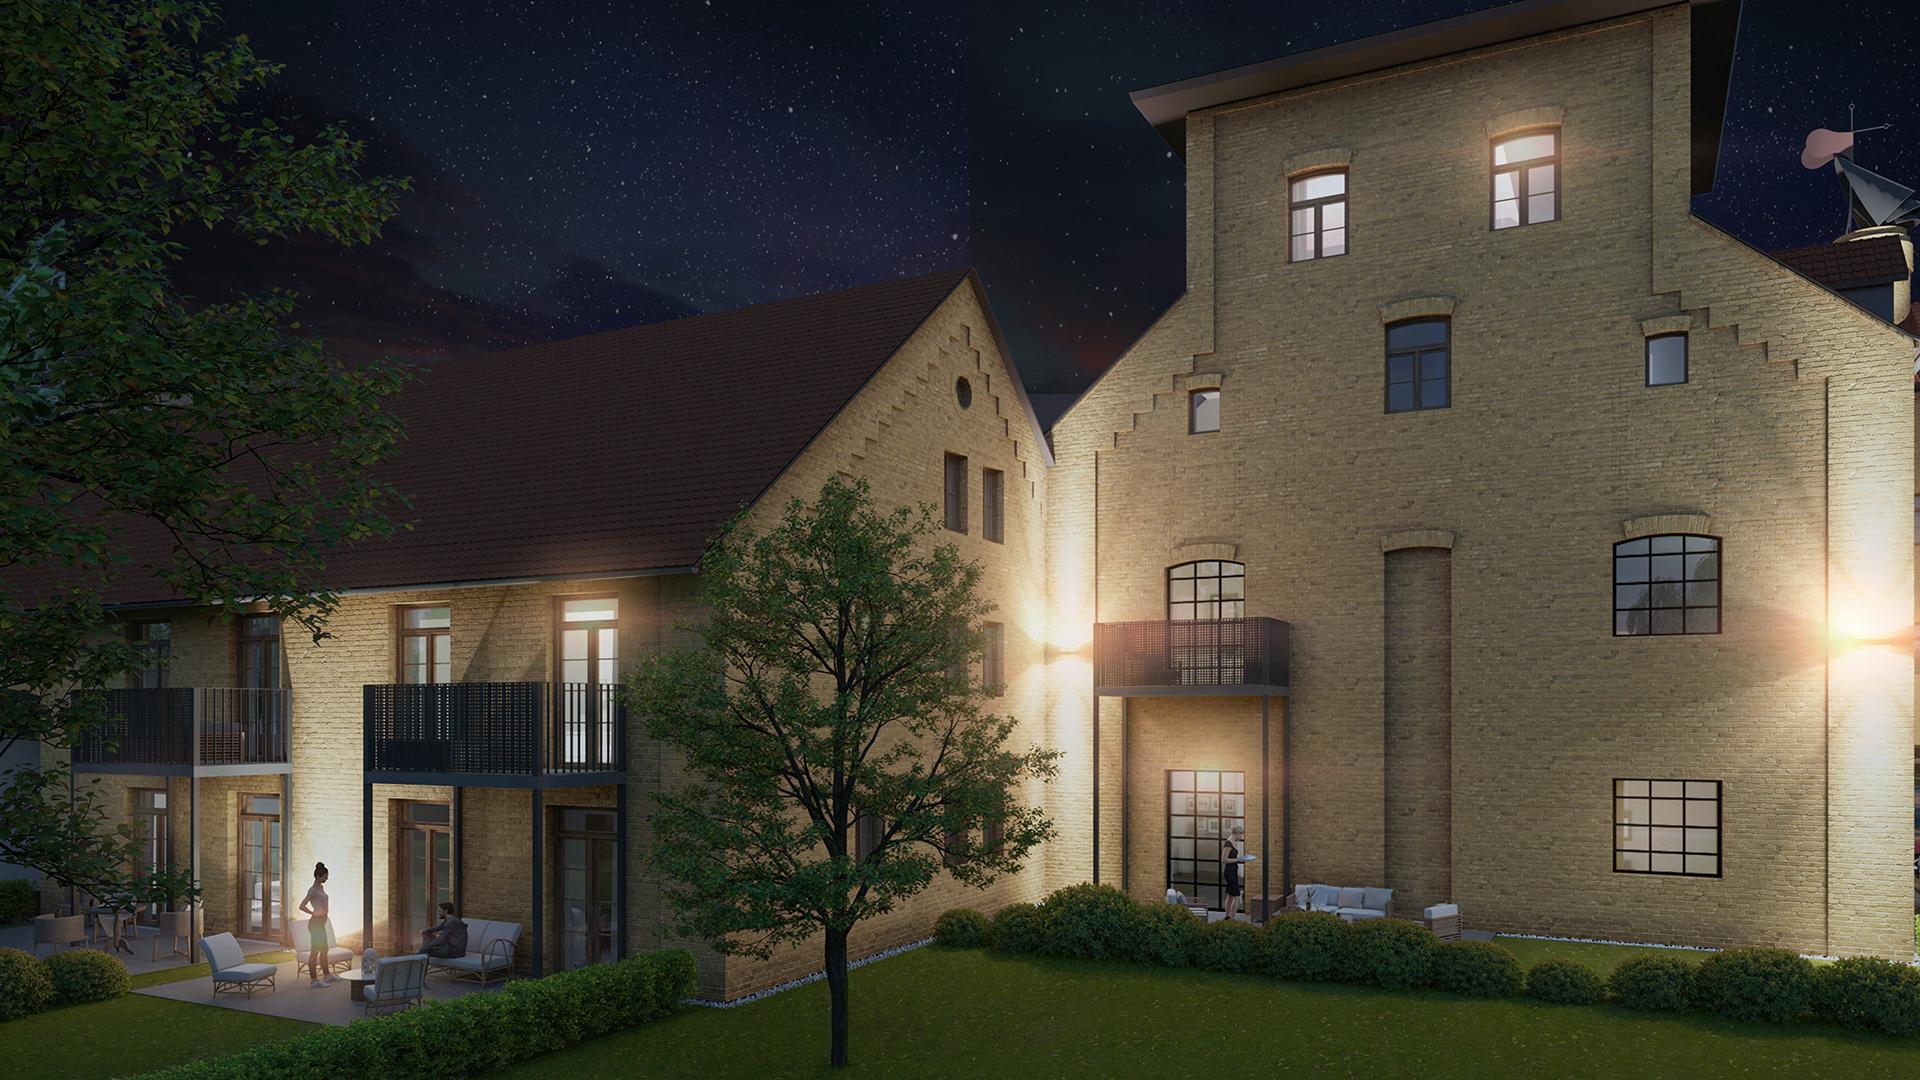 M80 Innenhof bei Nacht